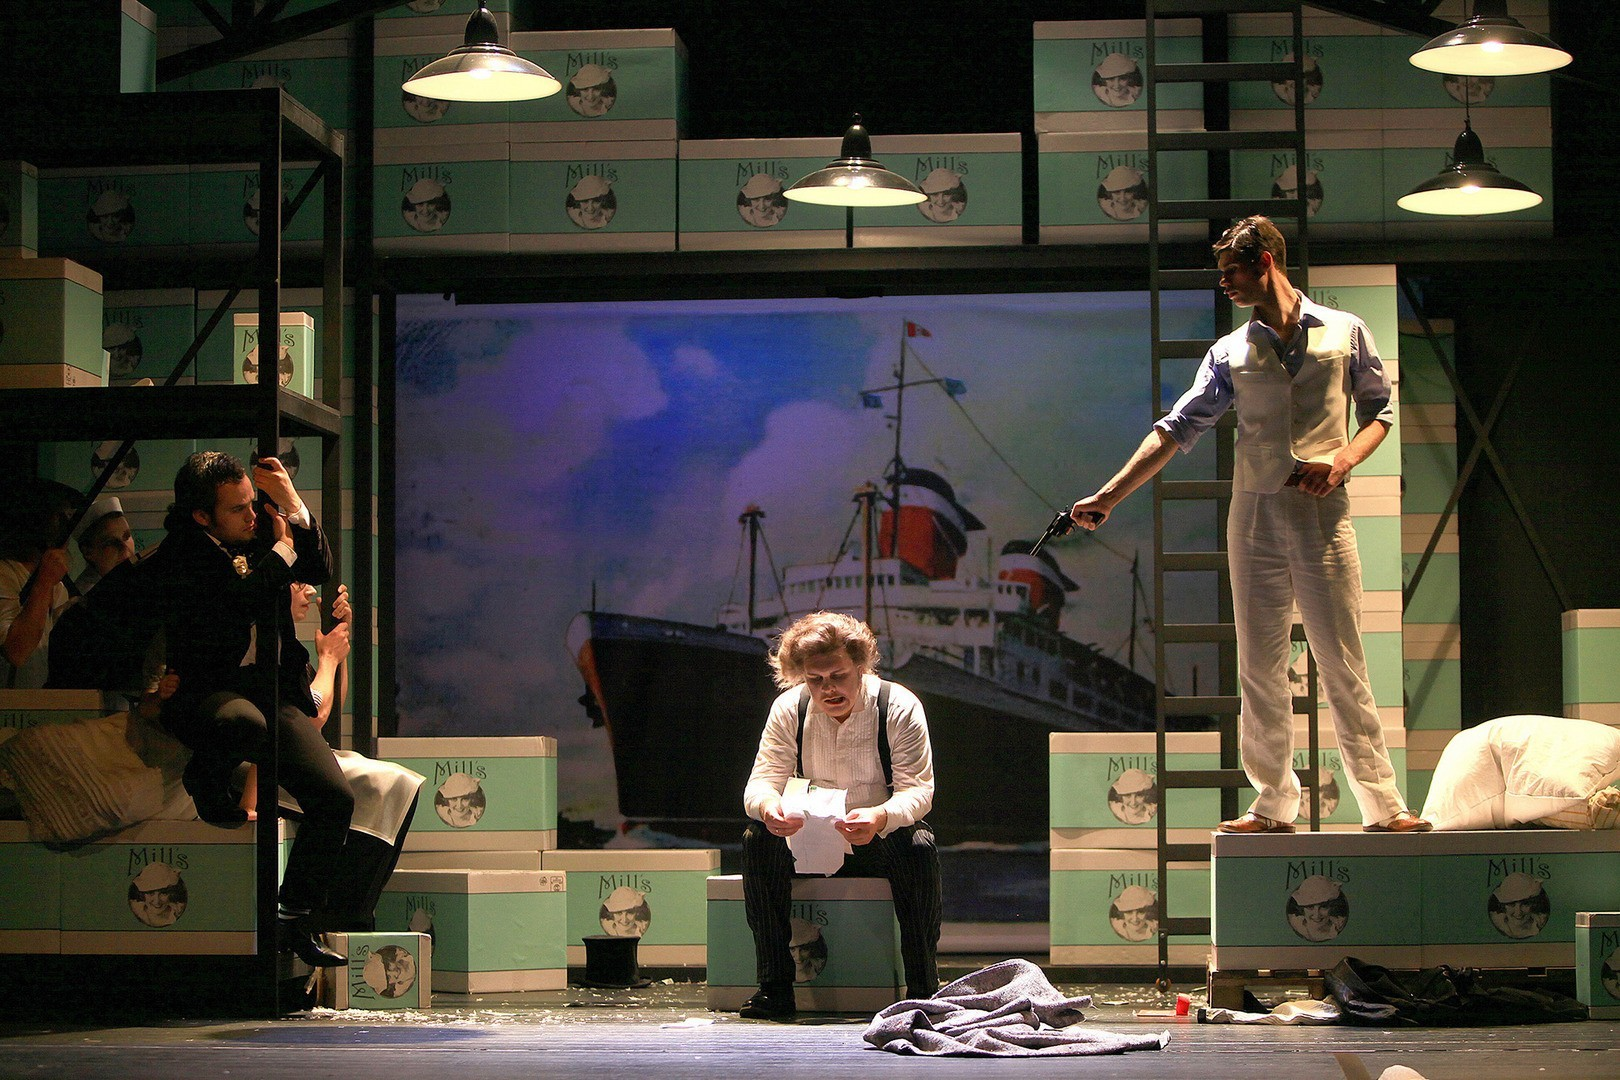 Cambiale-di-matrimonio-Opera-directed-by-Jacopo-Spirei-13